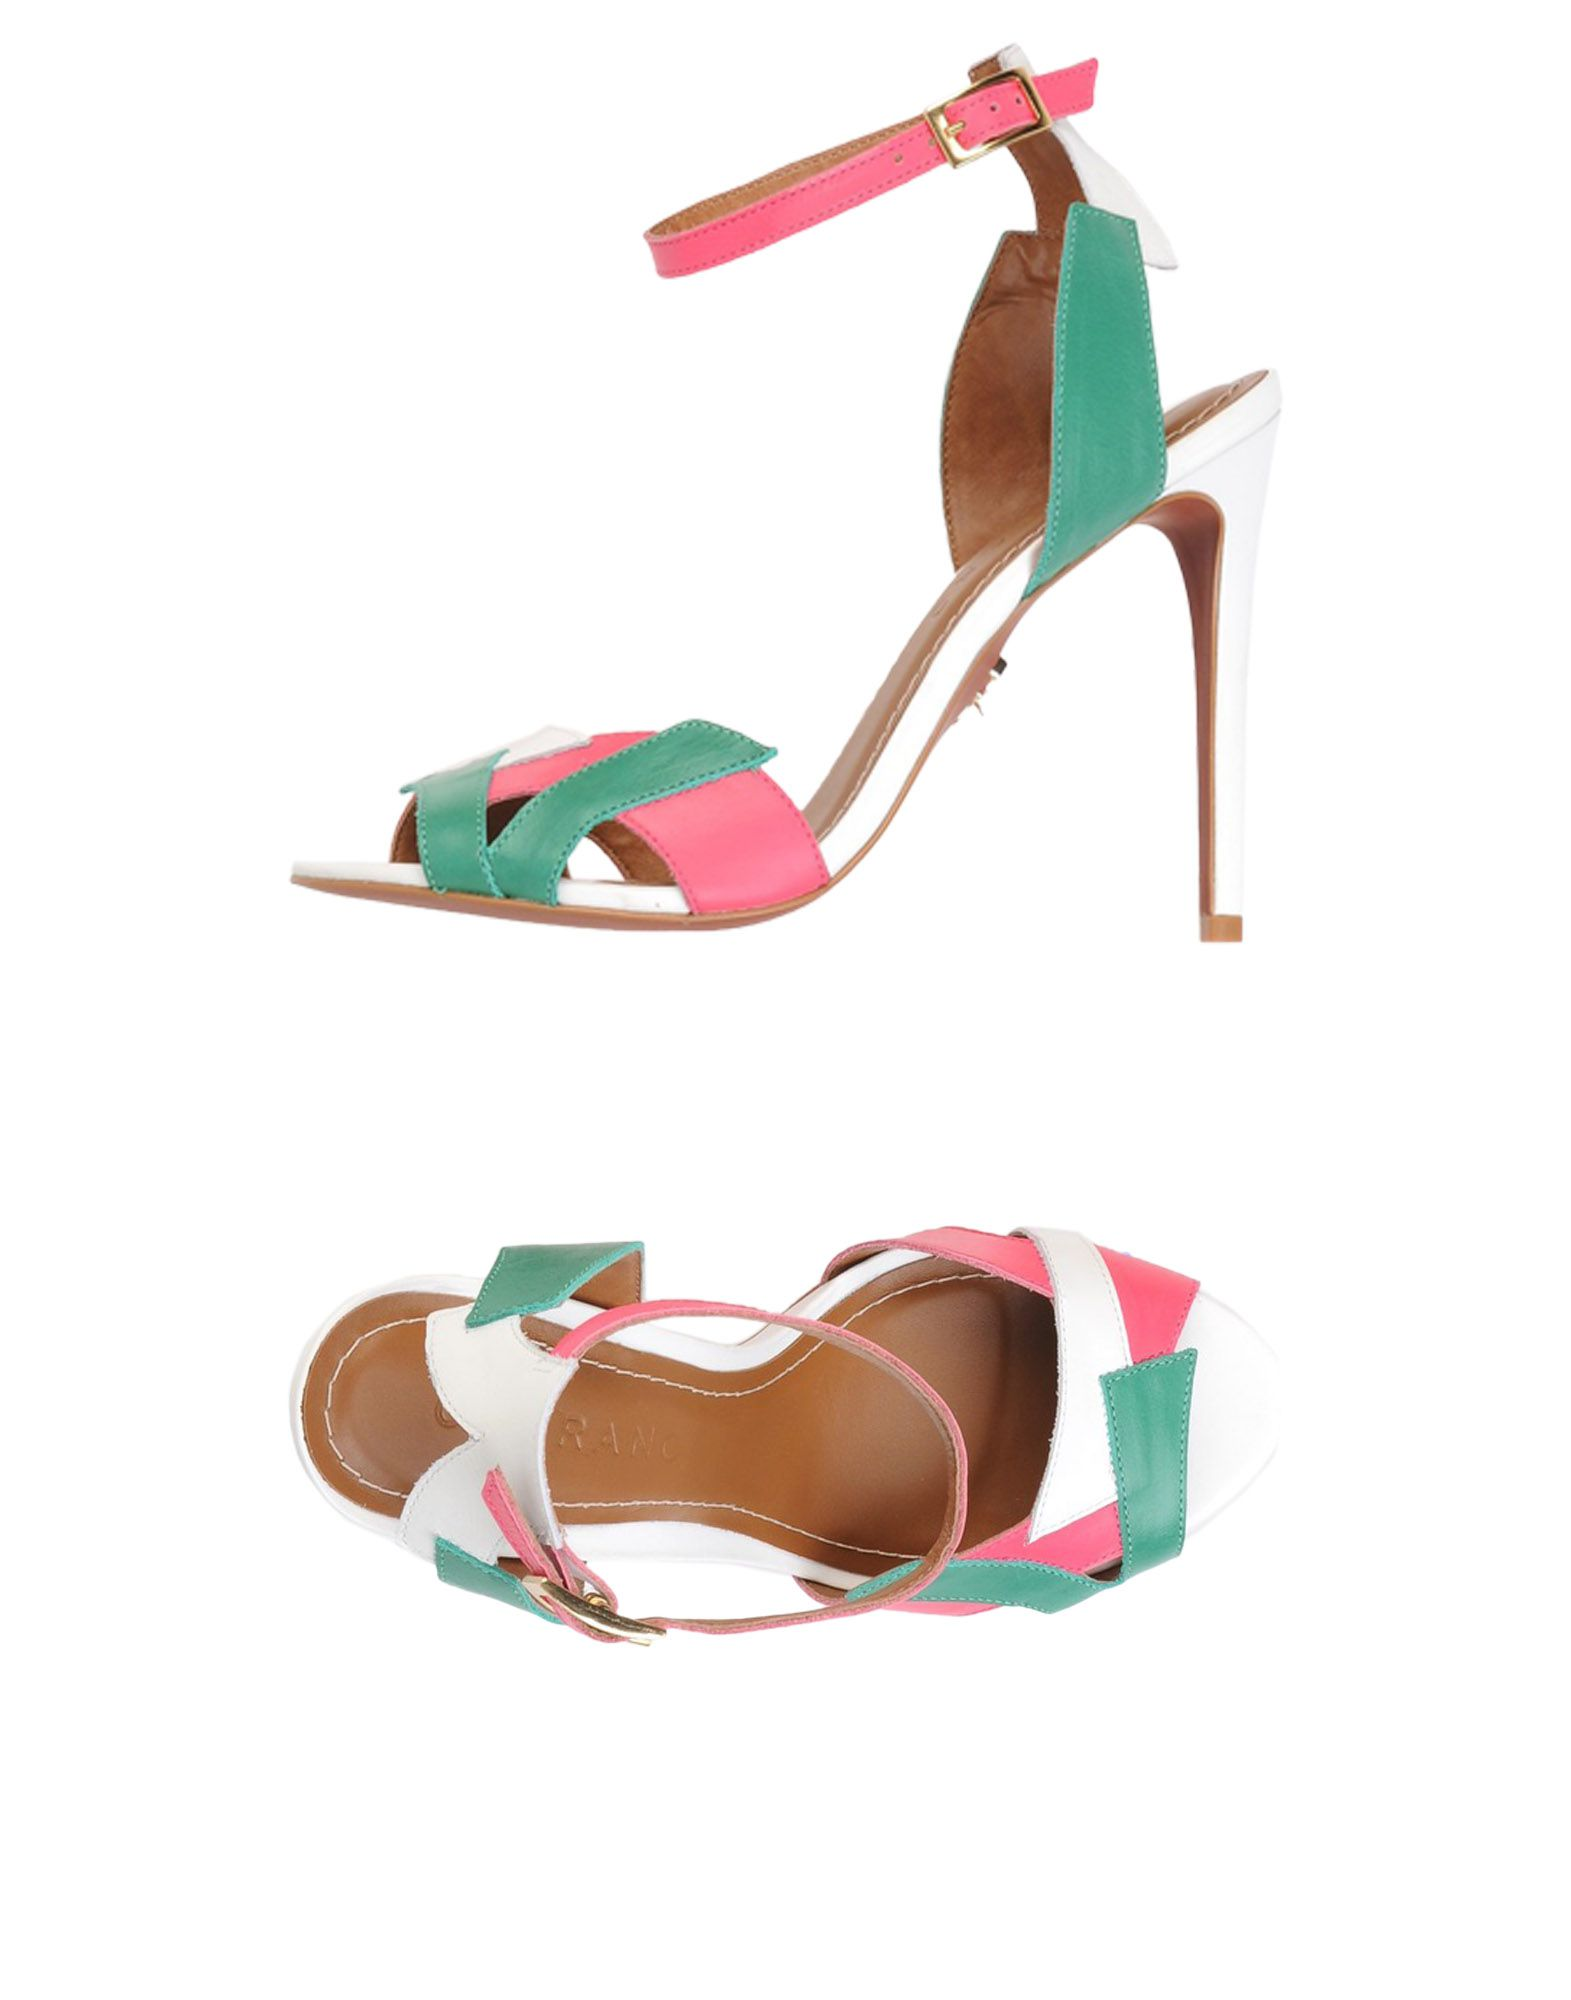 Sandali Carrano Sandals - Donna - Acquista online su